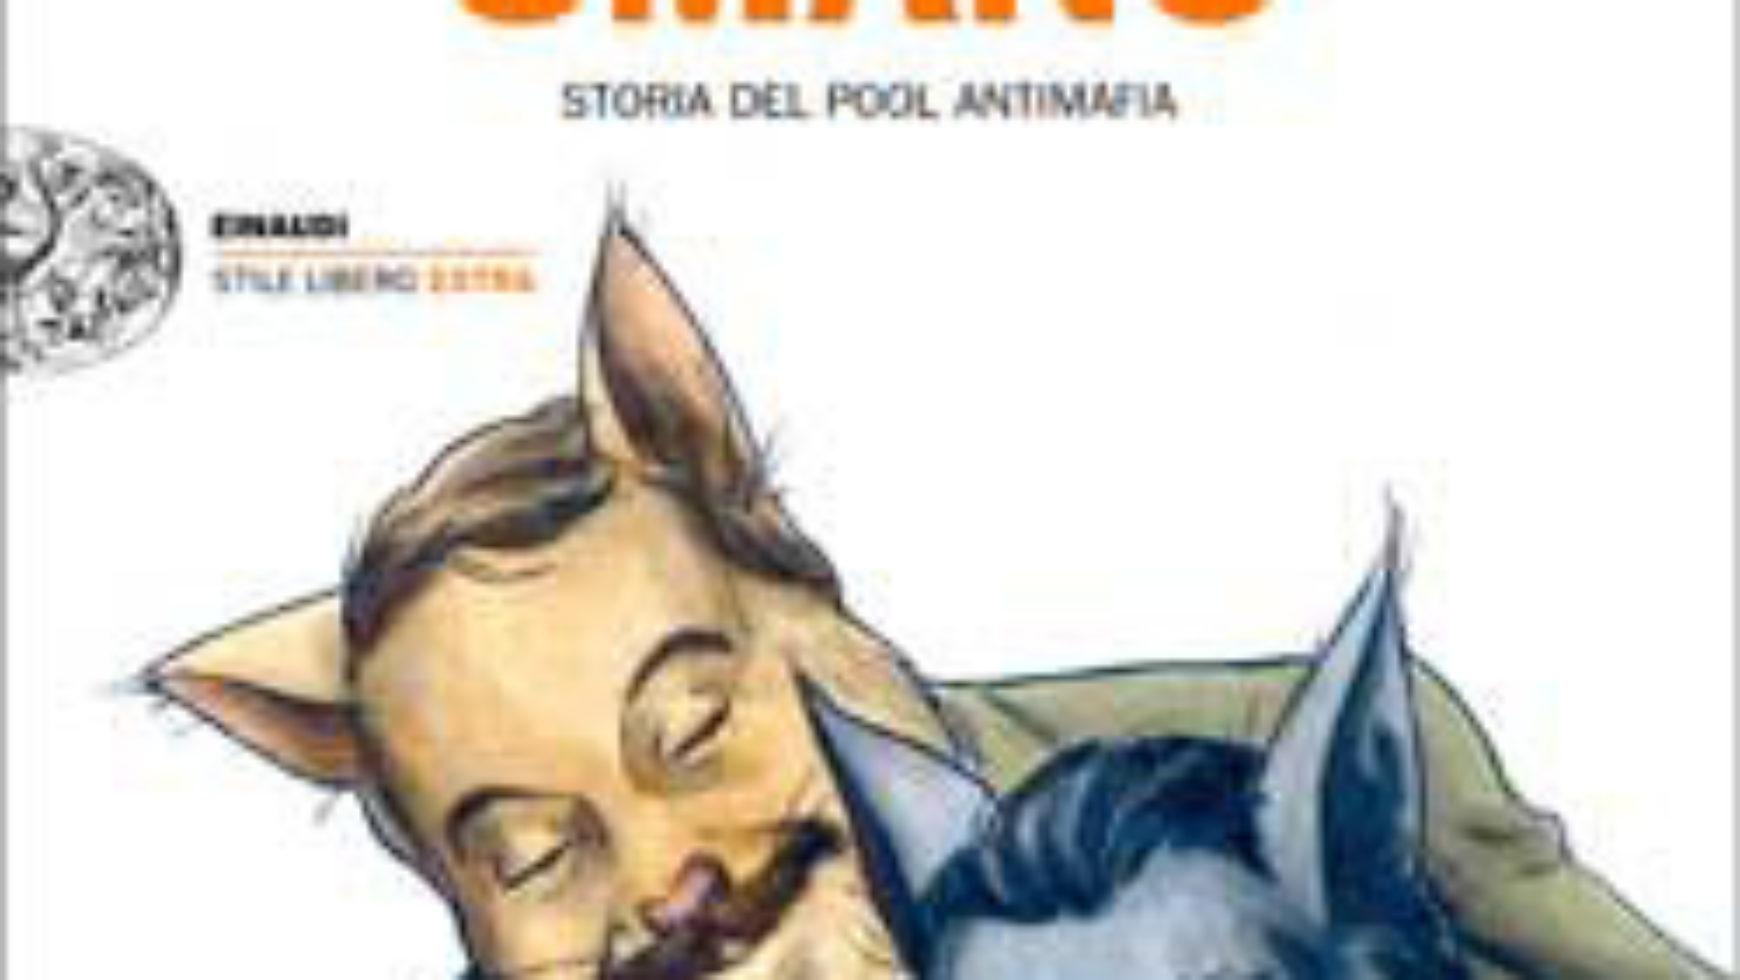 Storia del pool antimafia a fumetti